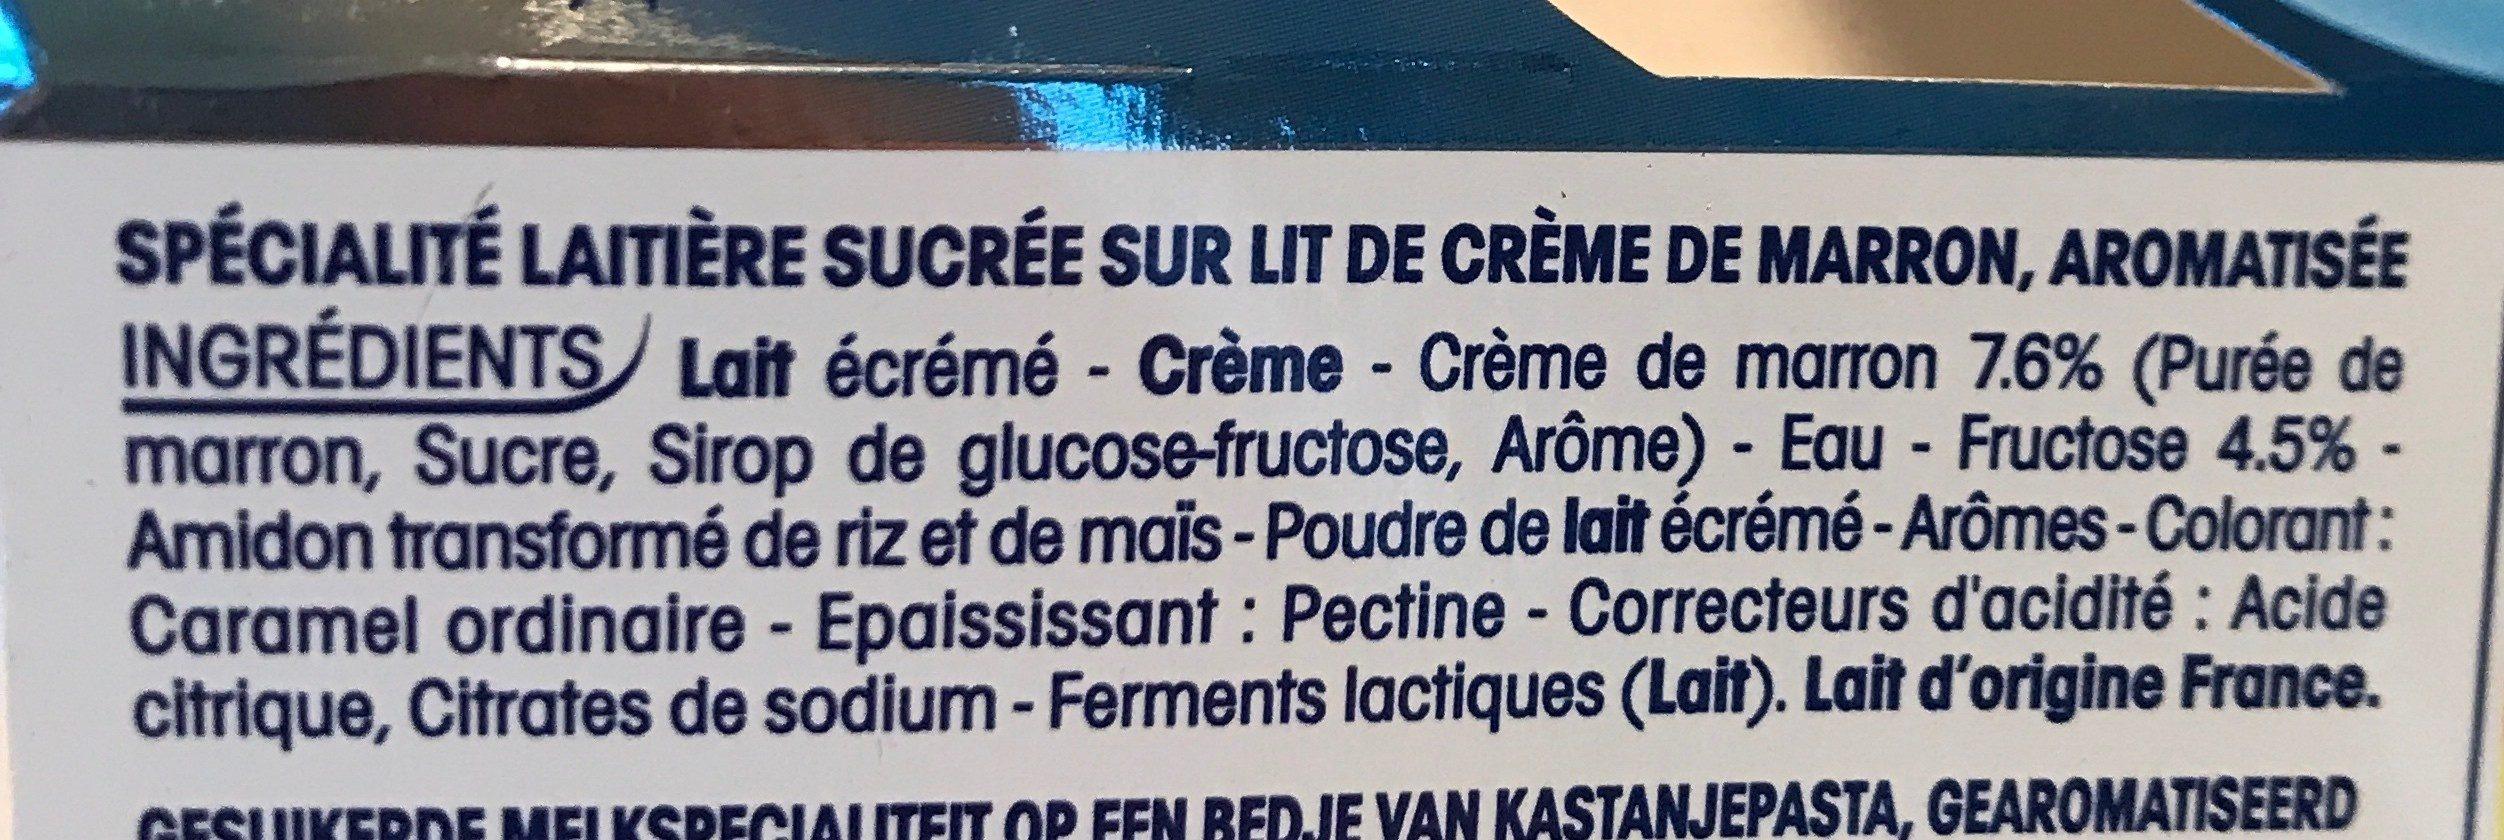 Perle de lait sur lit creme de marron - Ingredients